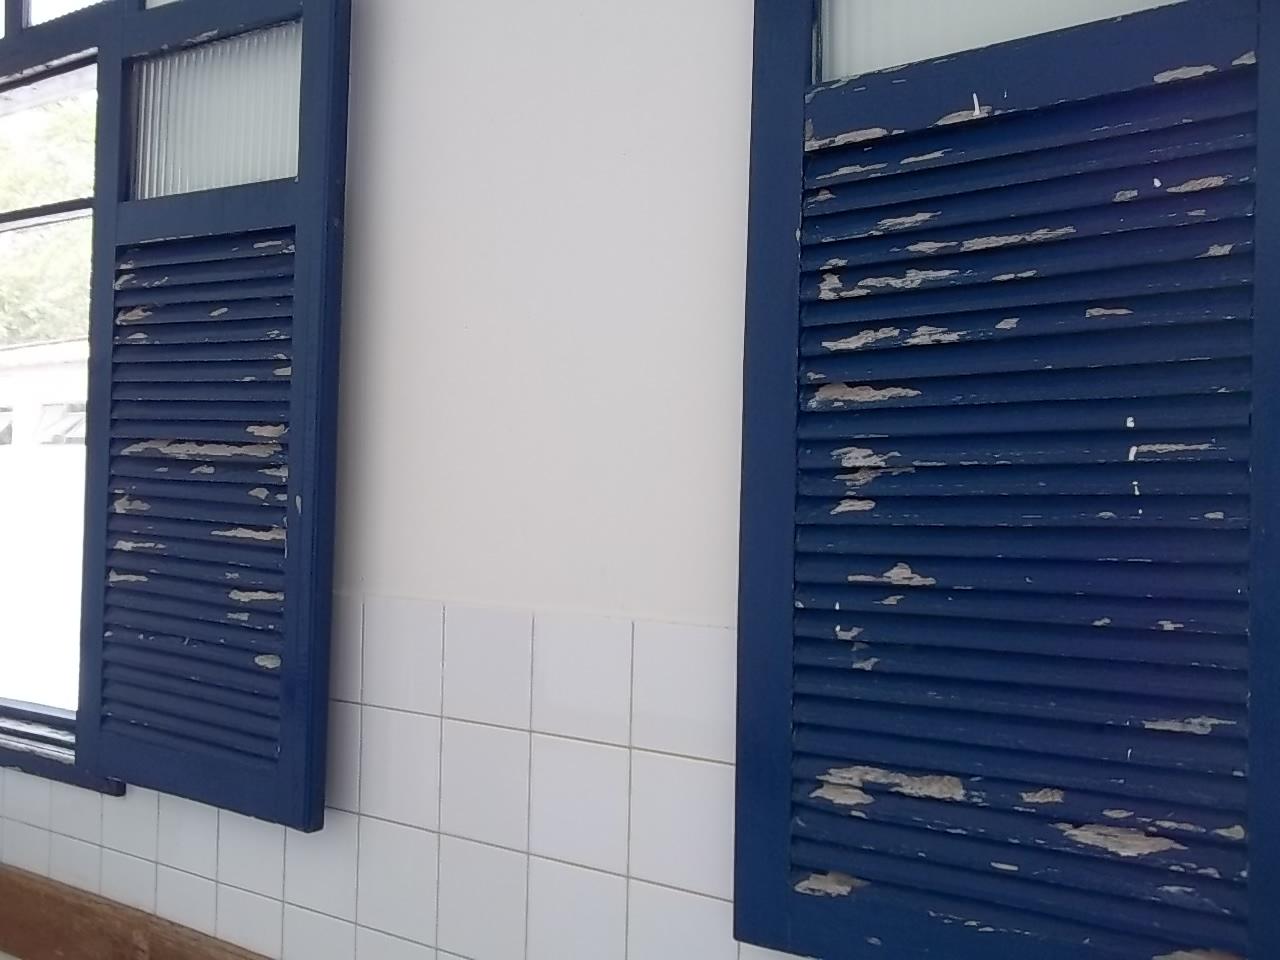 GALERIA DE FOTOS DO PESQUEIRA EM FOCO: FOTOS TIRADAS NO INTERIOR DO  #182748 1280x960 Atenção Banheiro Interditado